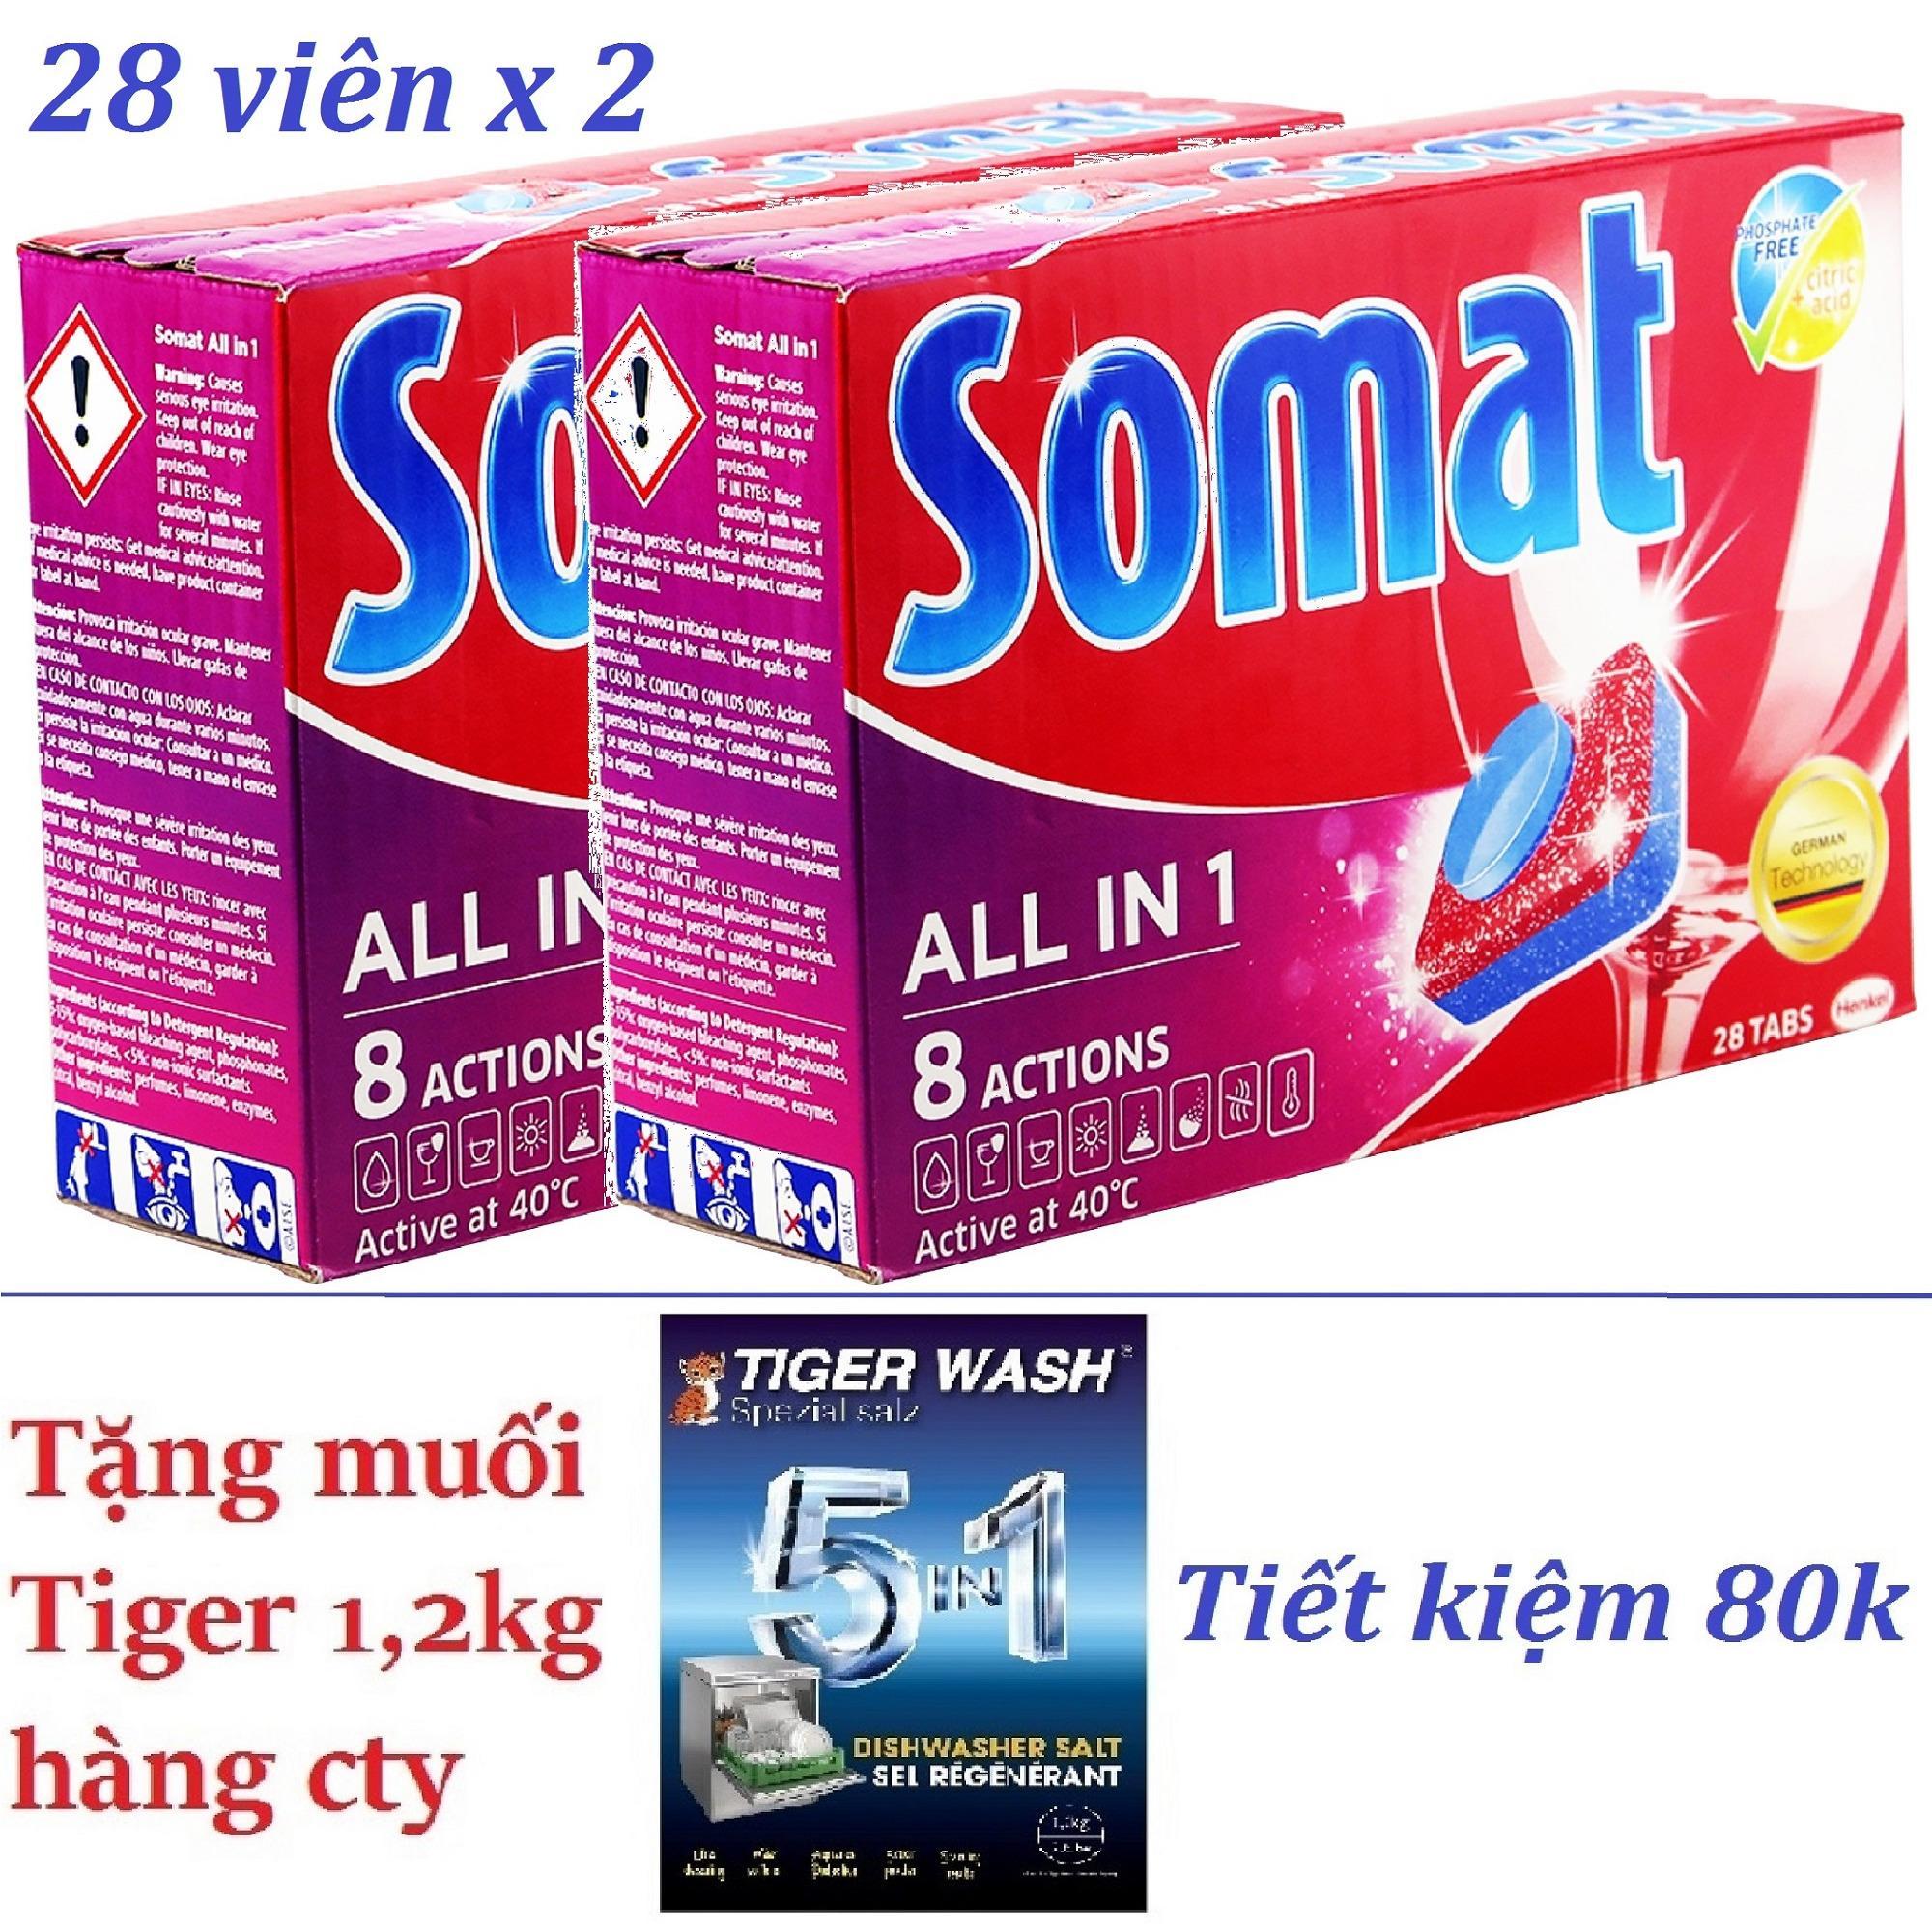 2 Hộp Vien Rửa Somat 8In1 Hộp 28V X2 Nk Đức Tặng Muối Tiger Cho May Rửa Chen Bat Somat Chiết Khấu